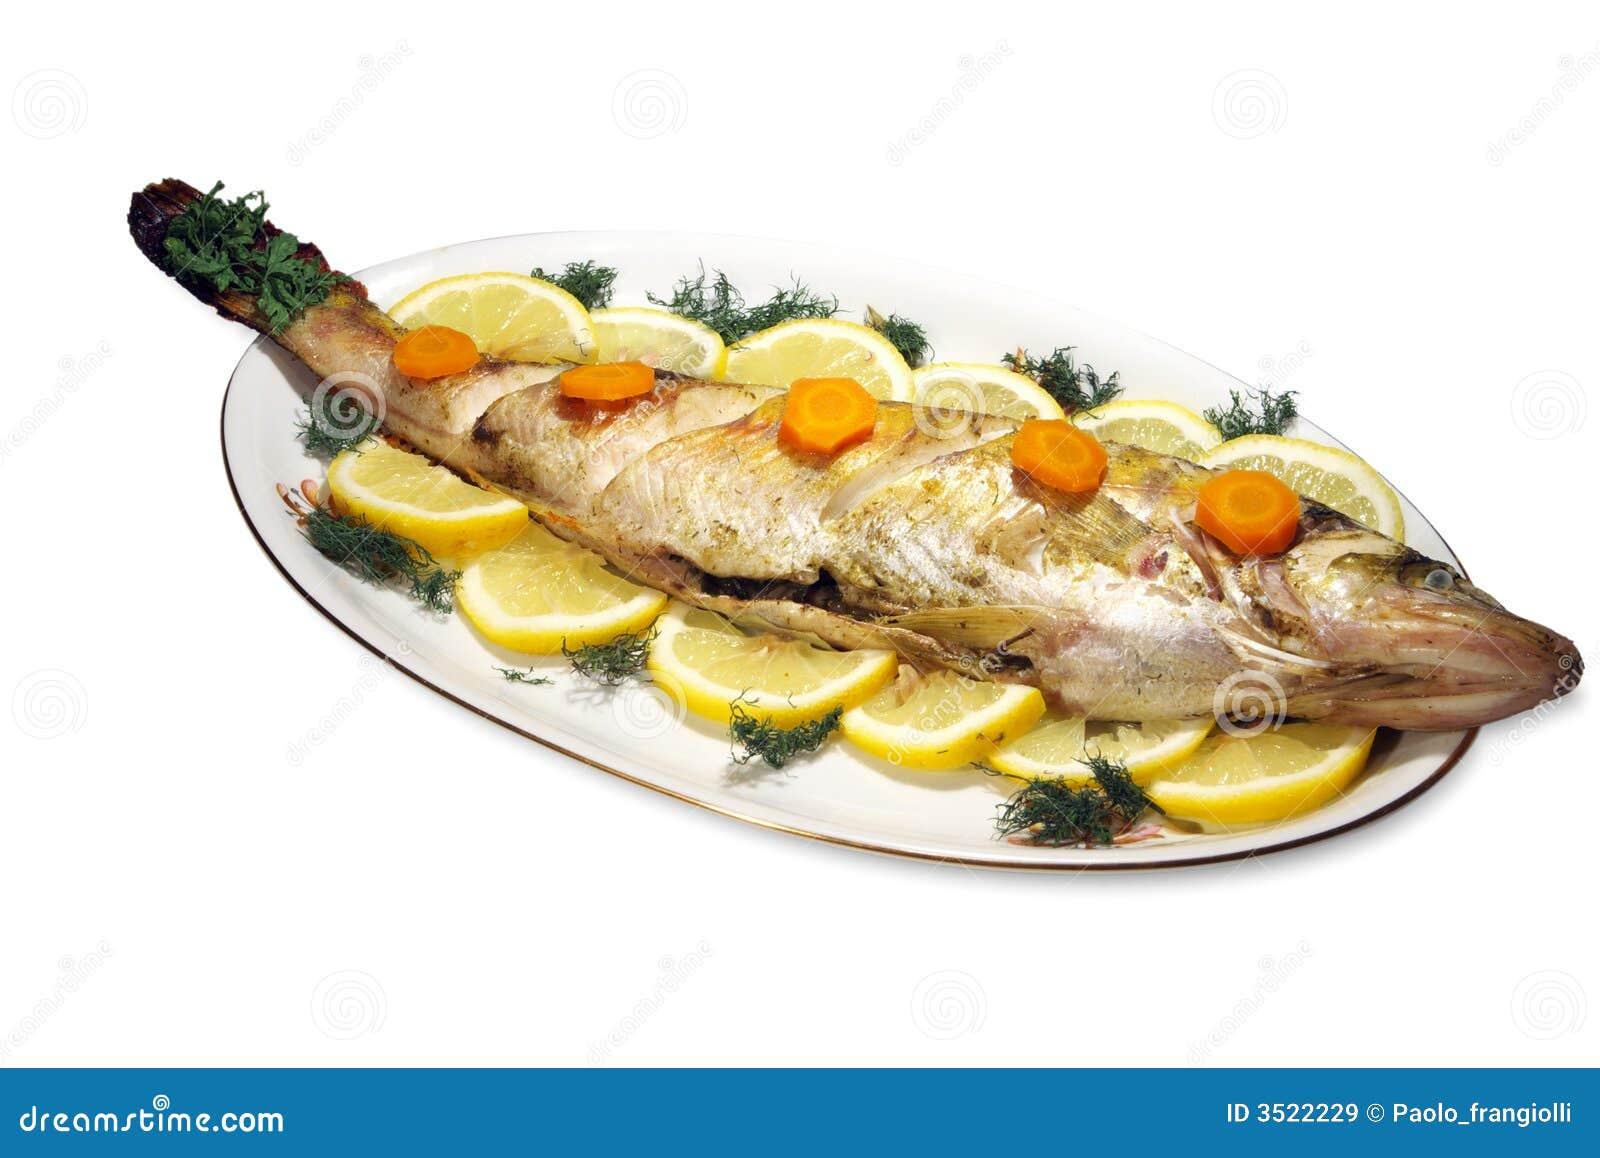 Poissons cuits au four image stock image du manger for Nourriture a poisson